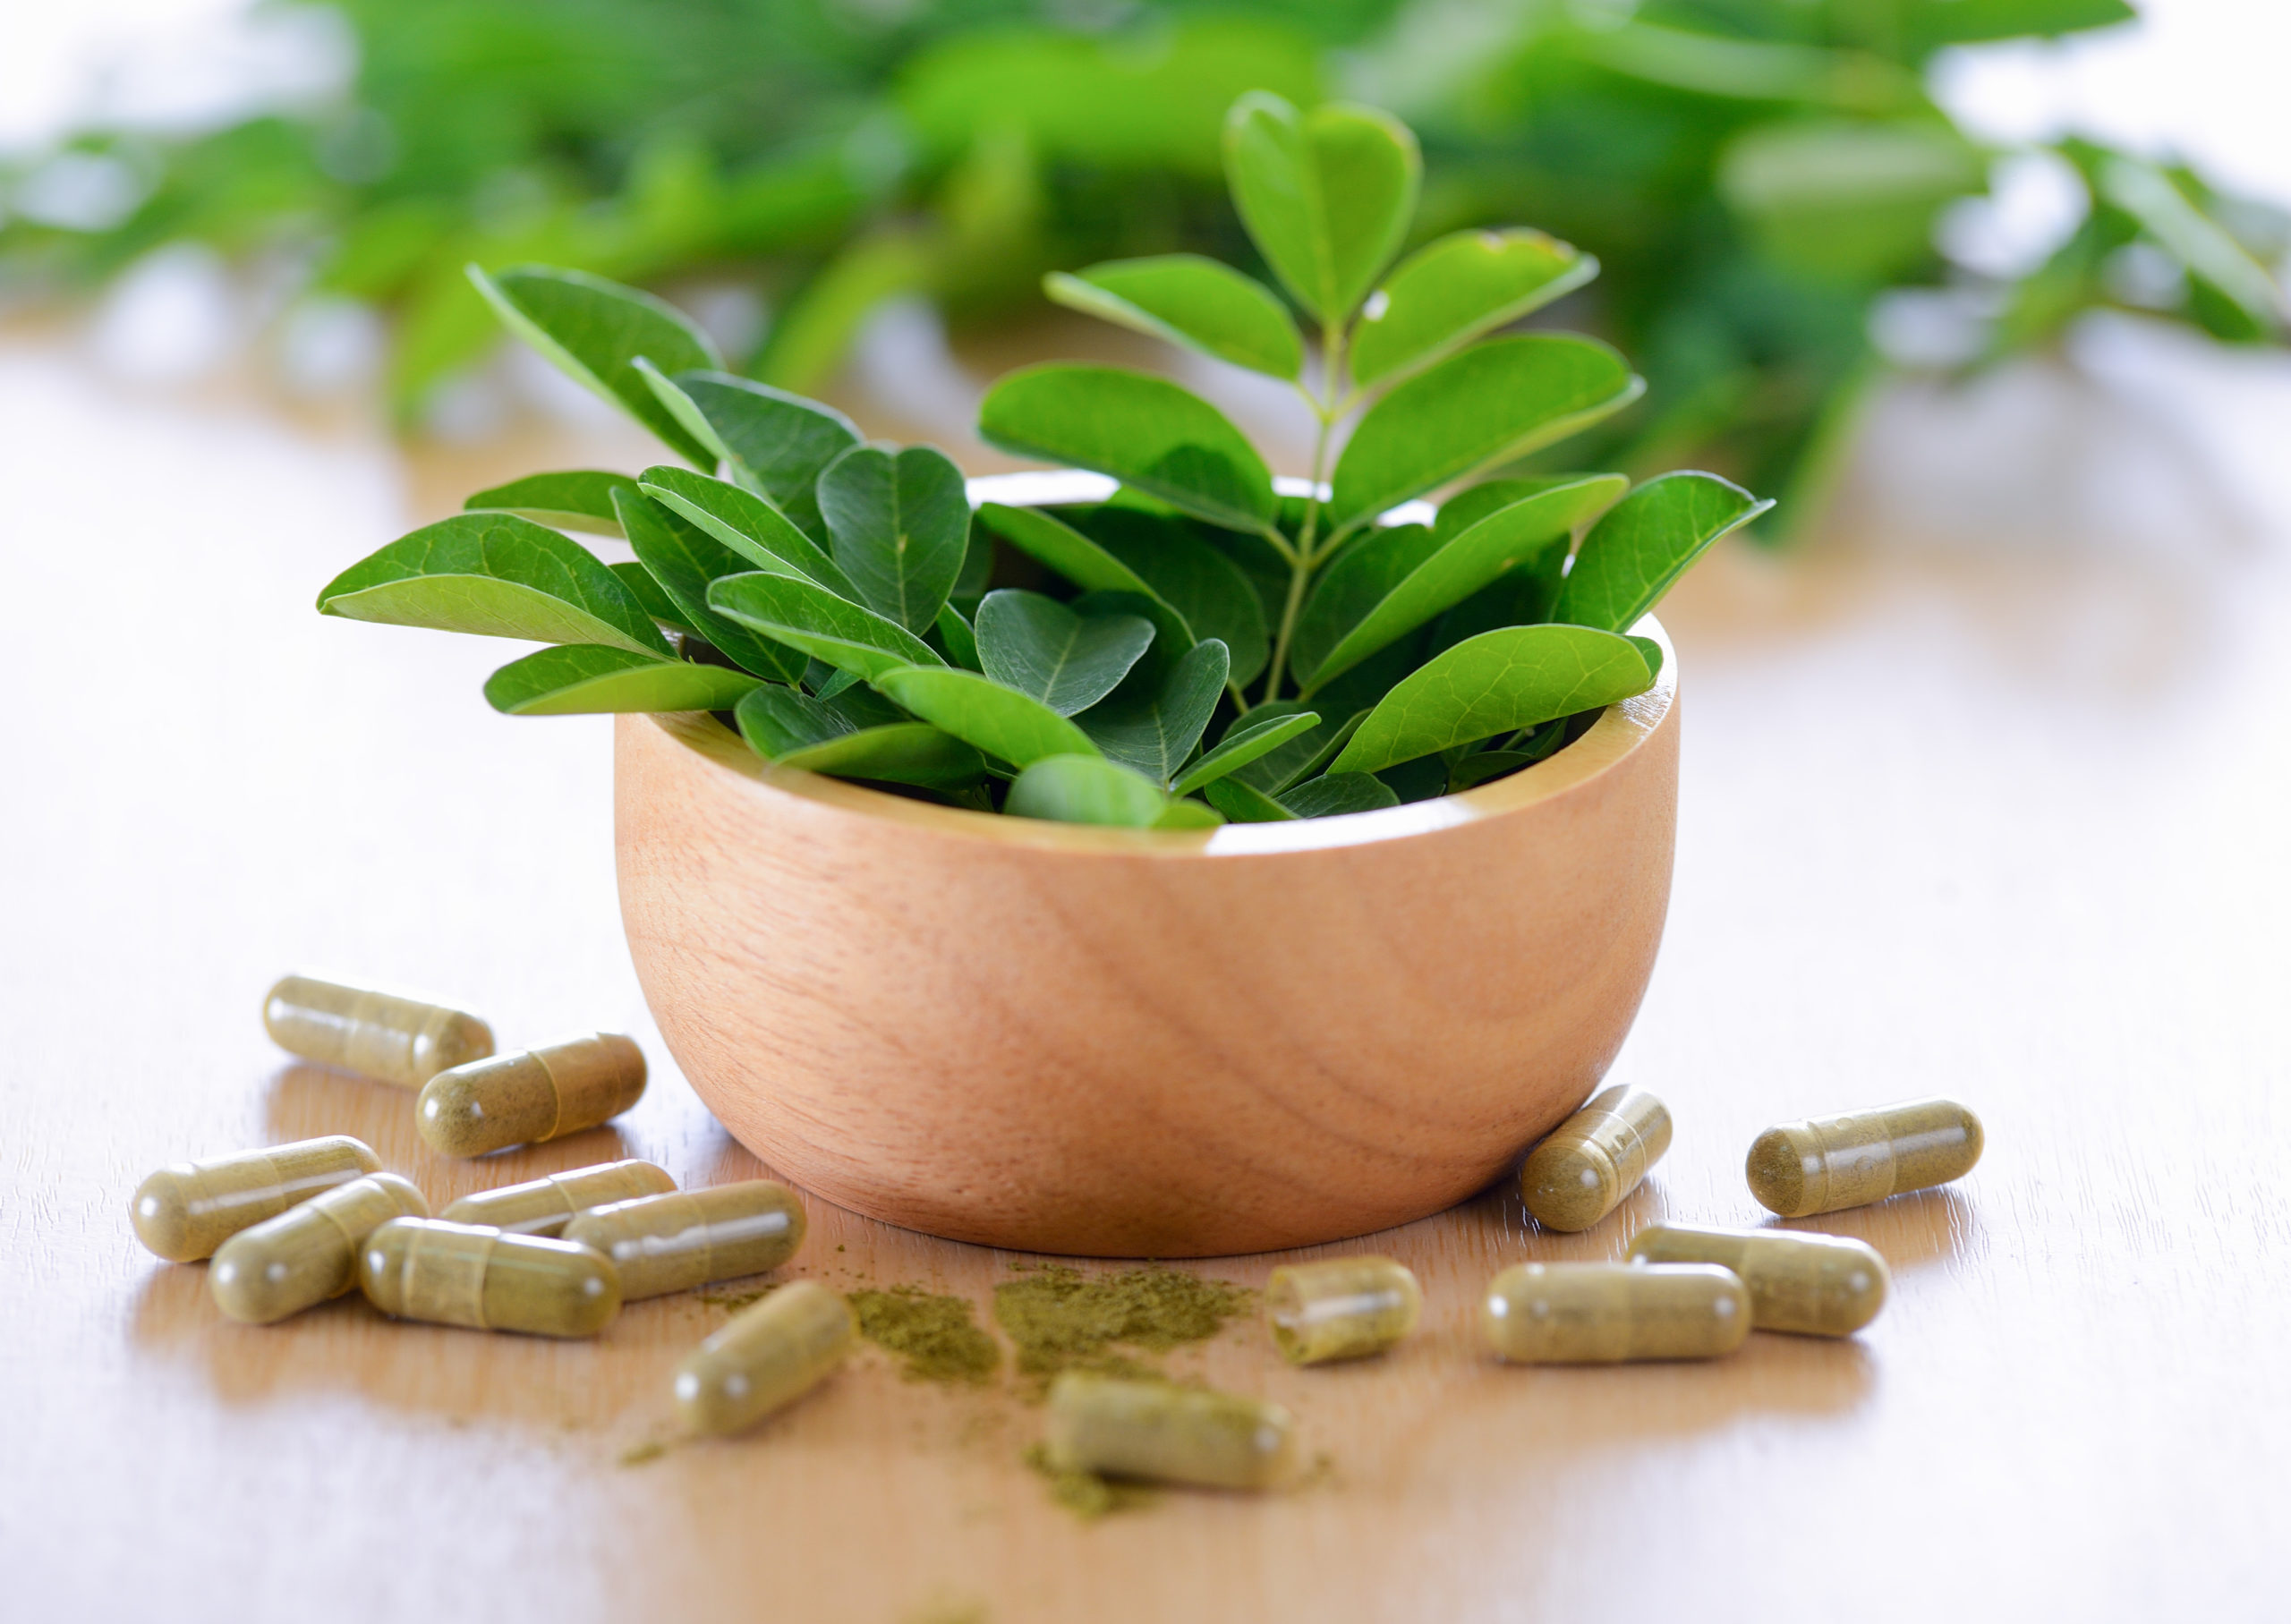 Le moringa est composé à 30% de protéines et à 15% de fibres. Il contient également des phytonutriments, de la vitamine B en grand nombre, des vitamines A, C et E, des minéraux comme le magnésium, le potassium, le fer et le calcium et des acides aminés.